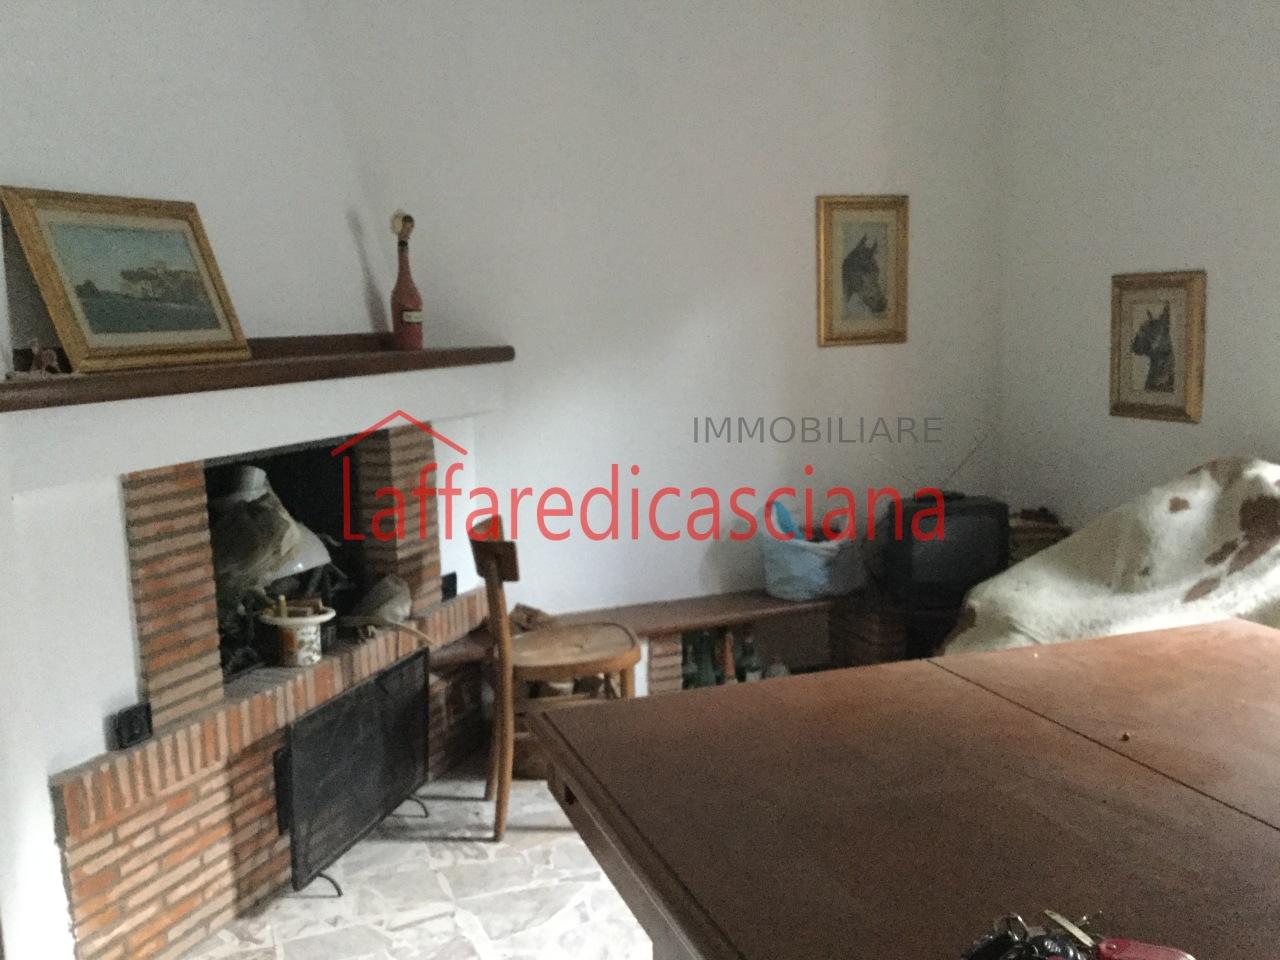 Appartamento in vendita a Chianni, 4 locali, prezzo € 65.000 | Cambio Casa.it